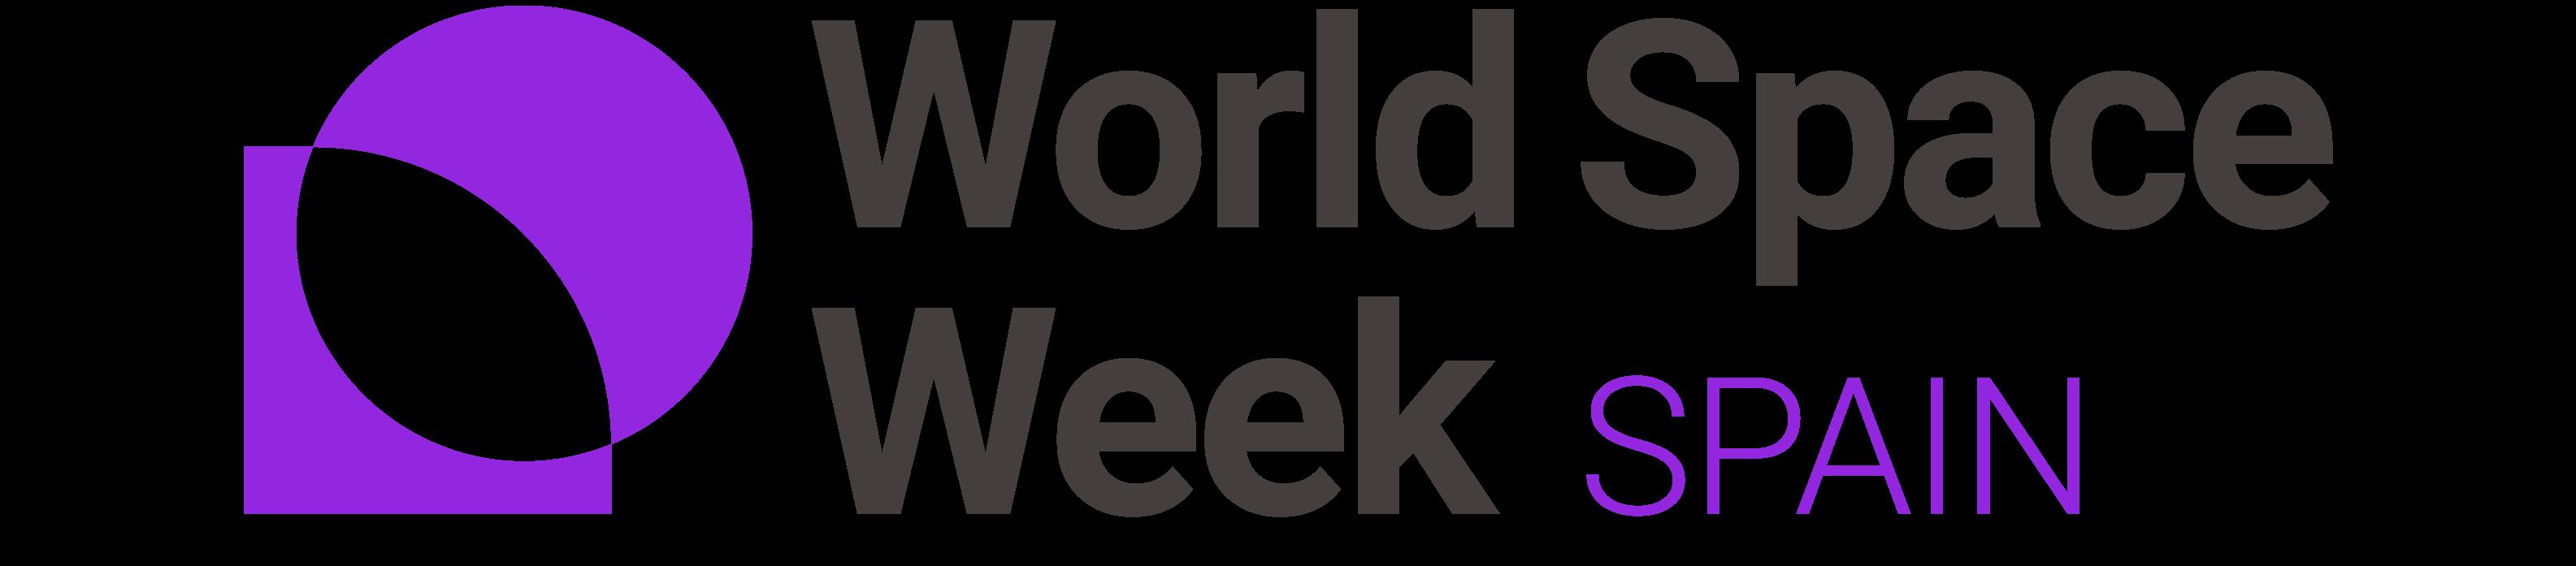 World Space Week-Spain